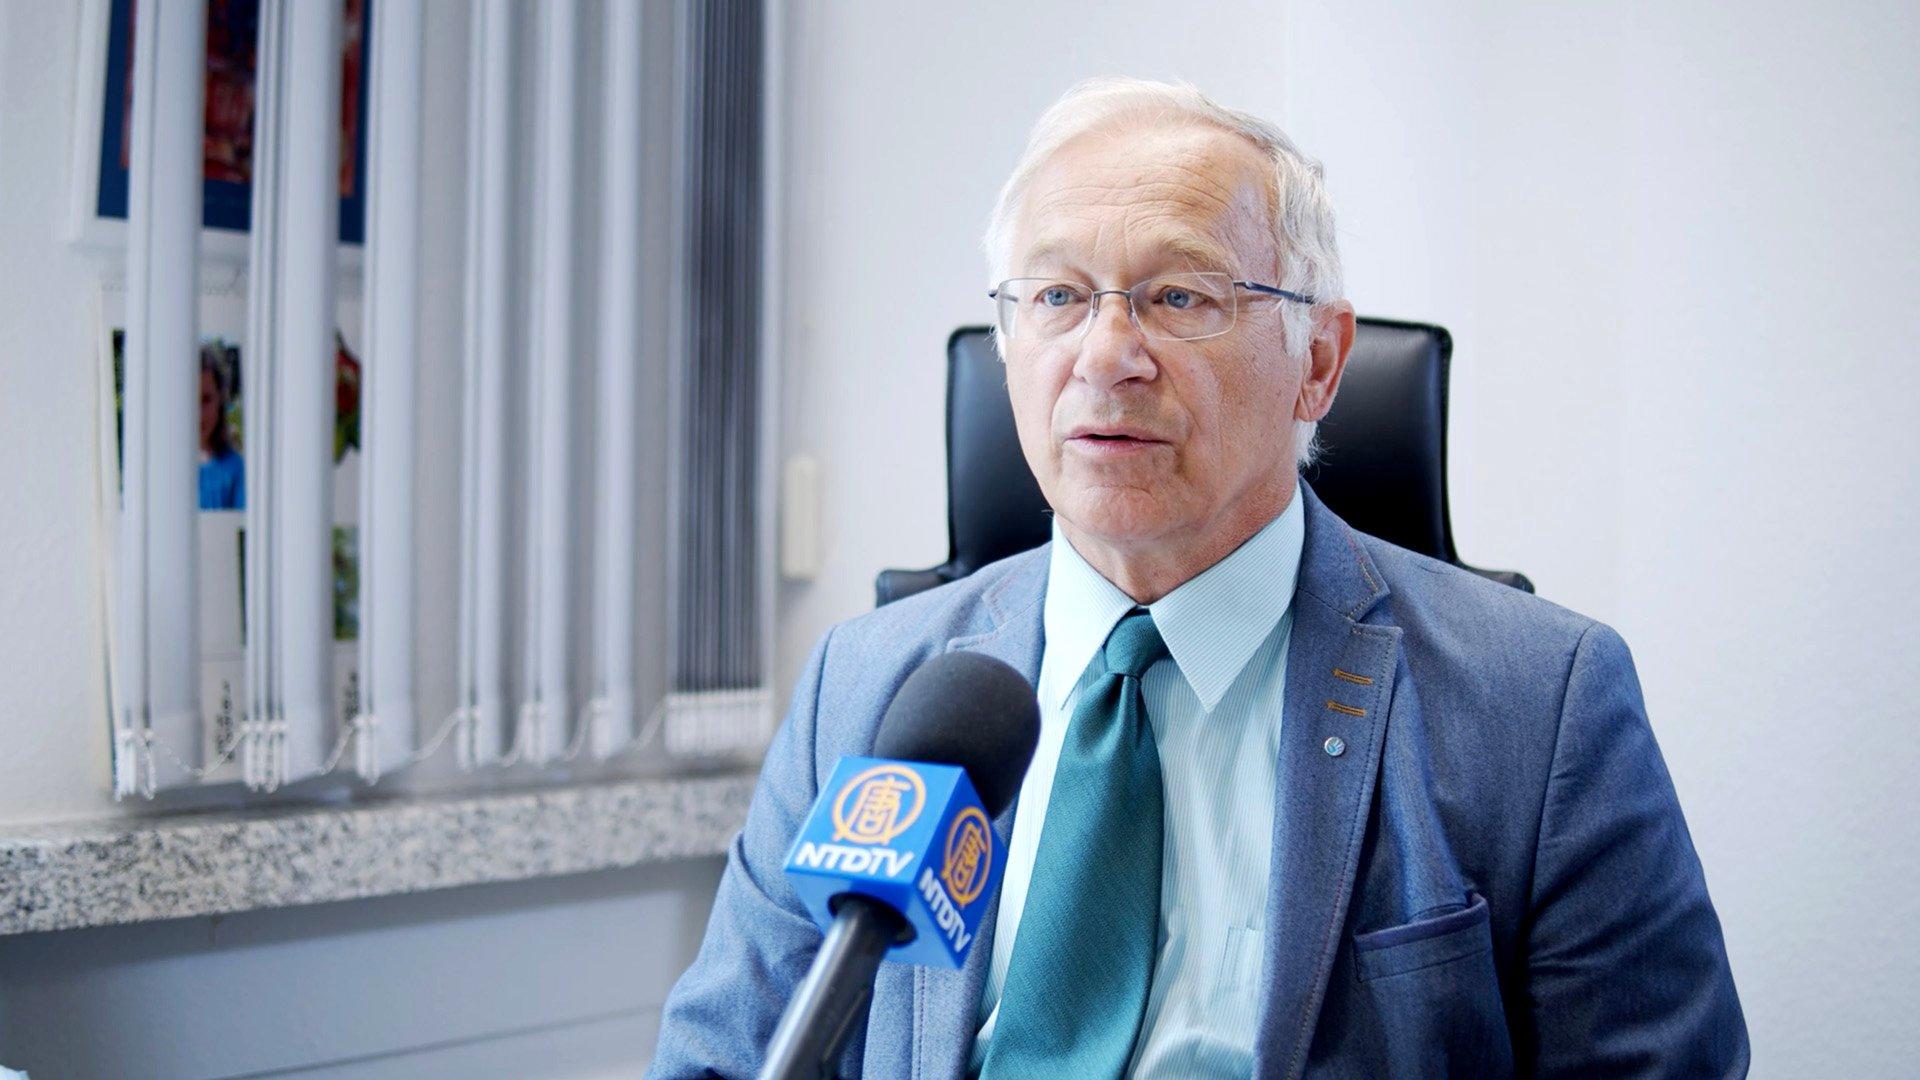 德國國會議員帕策爾特(Martin Patzelt)強烈譴責暴徒攻擊大紀元香港印刷廠。(新唐人提供)